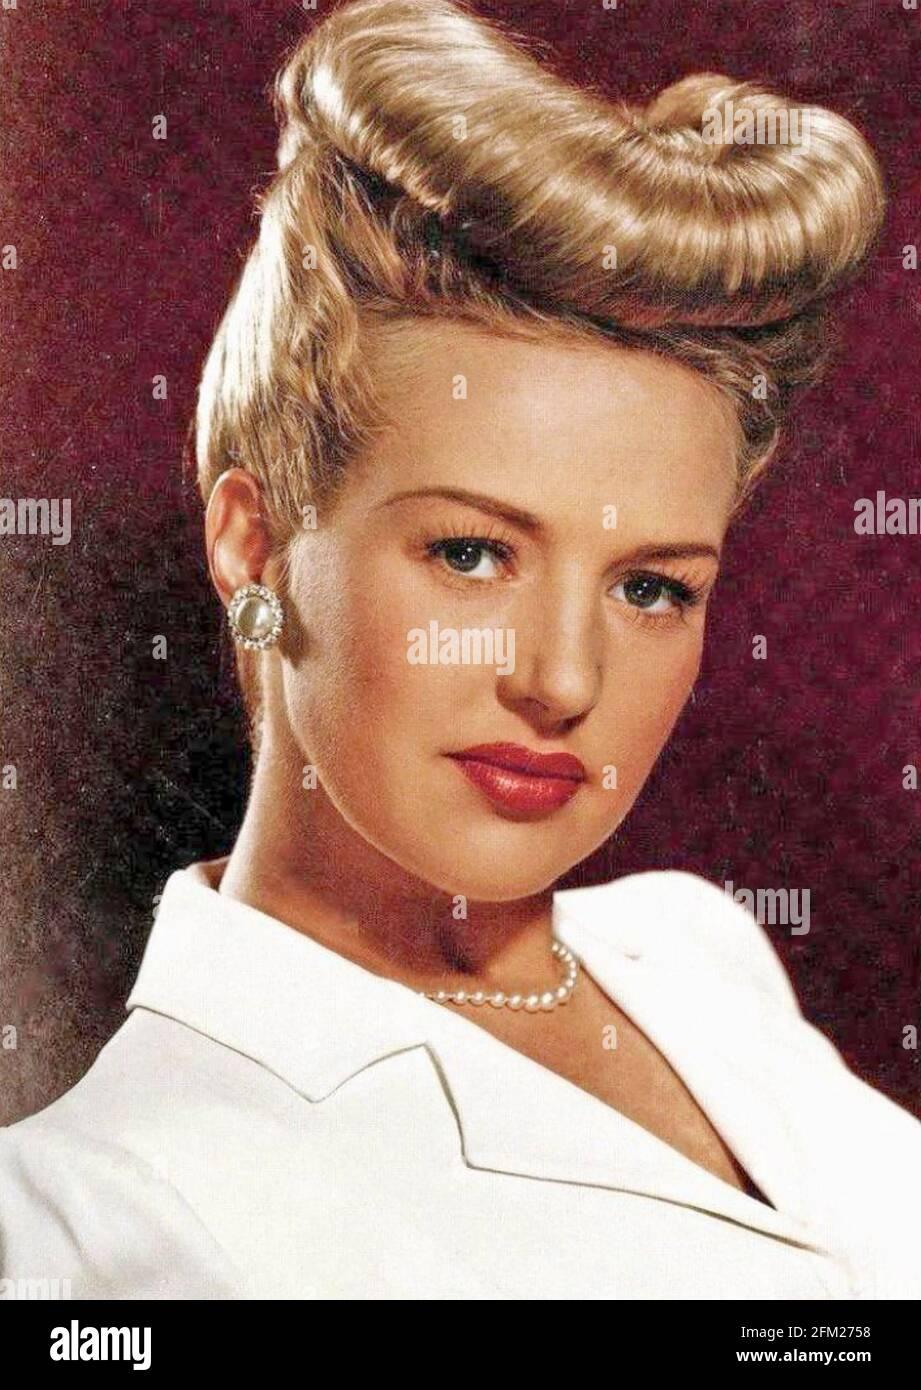 BETTY GRABLE (1916-1973) actrice et chanteuse américaine vers 1943 Banque D'Images